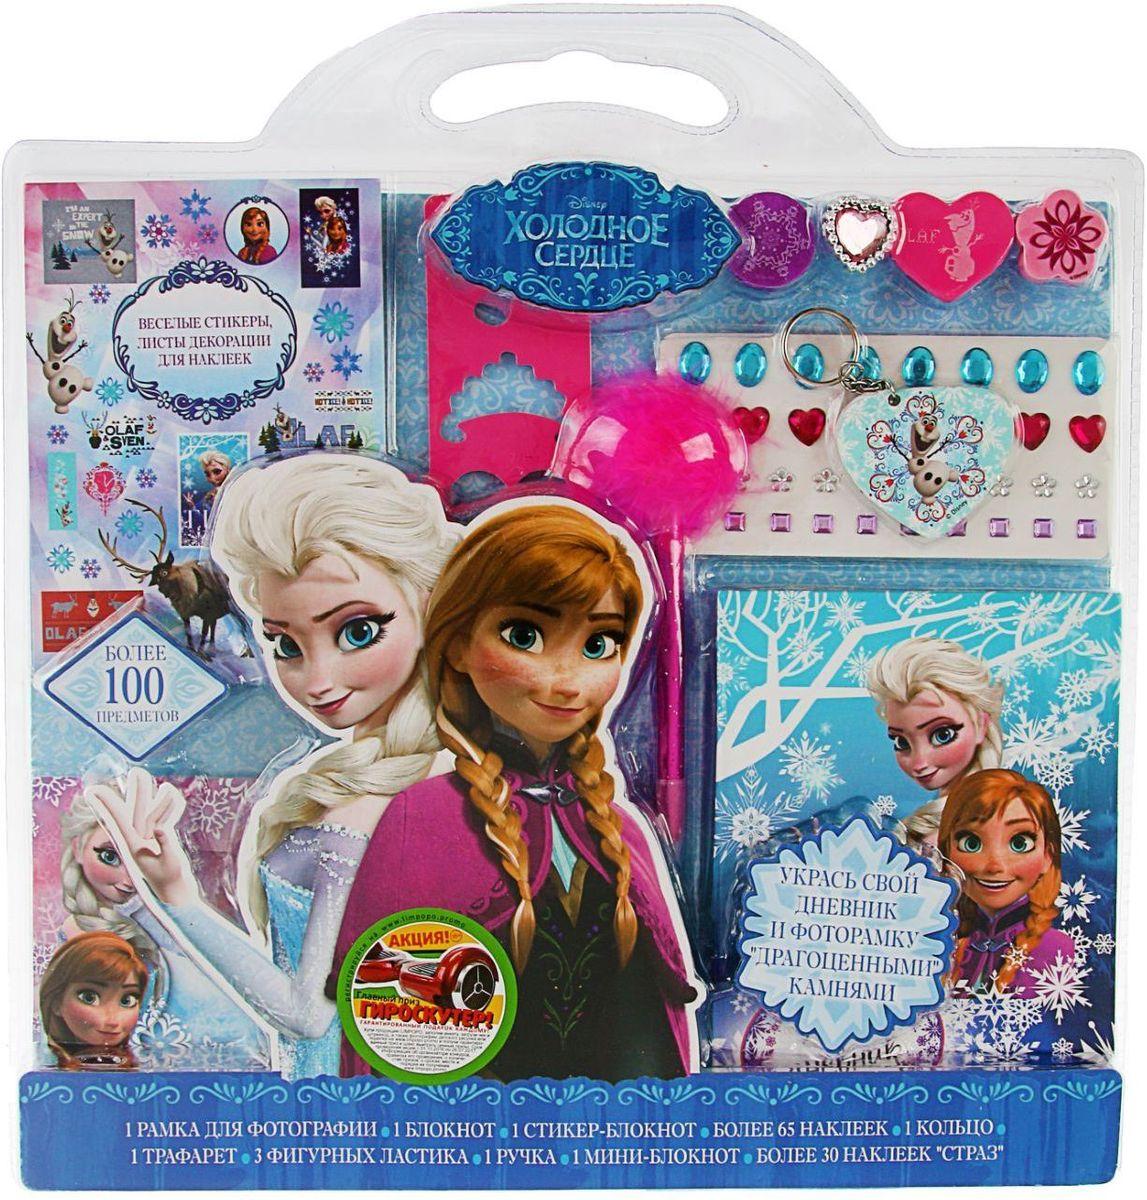 Disney Набор для творчества Frozen более 100 предметов -  Наборы письменных принадлежностей